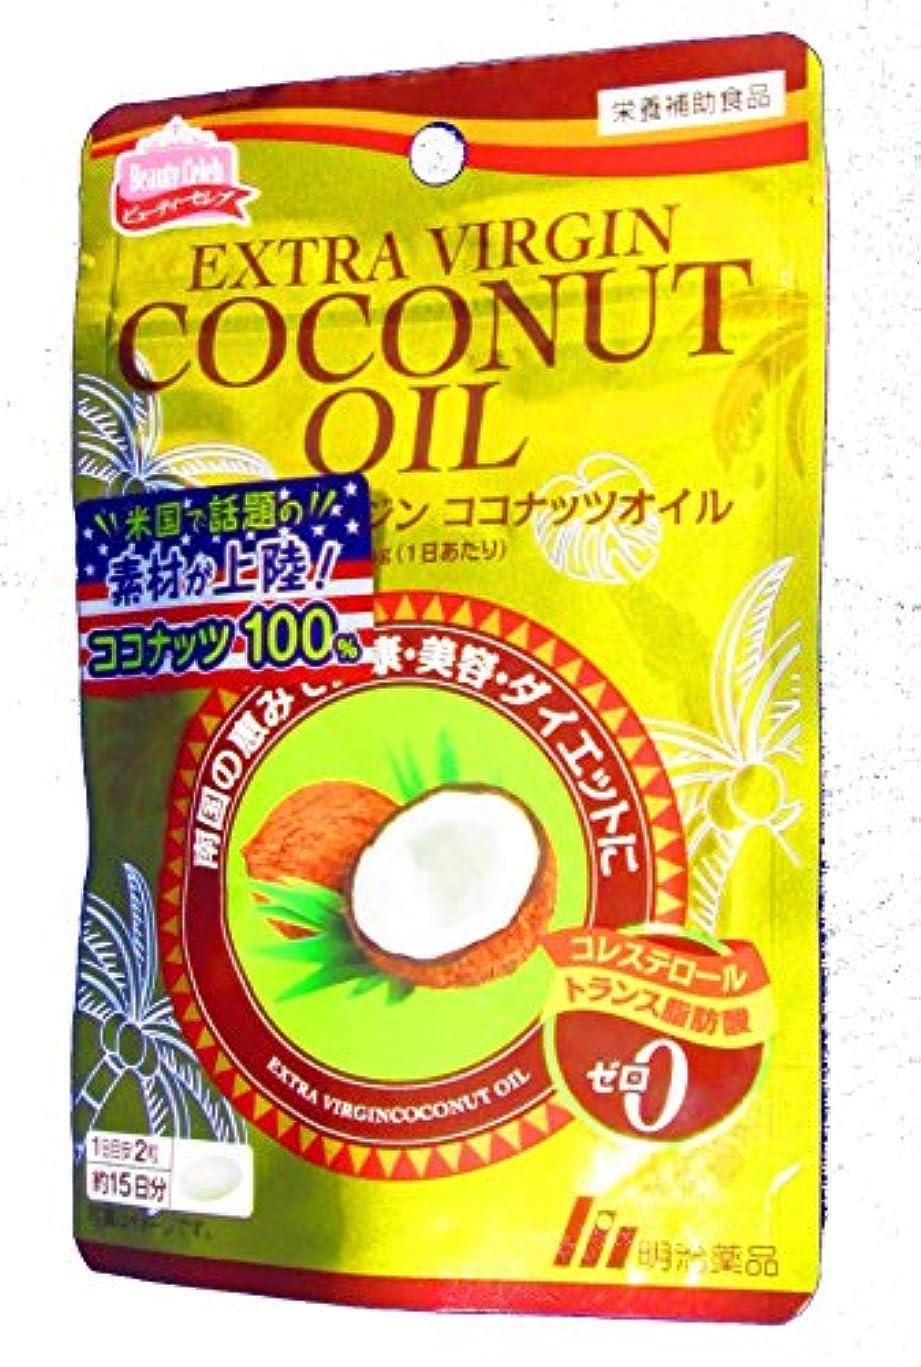 シュート万歳一般明治薬品 エクストラヴァージンココナッツオイル 30粒